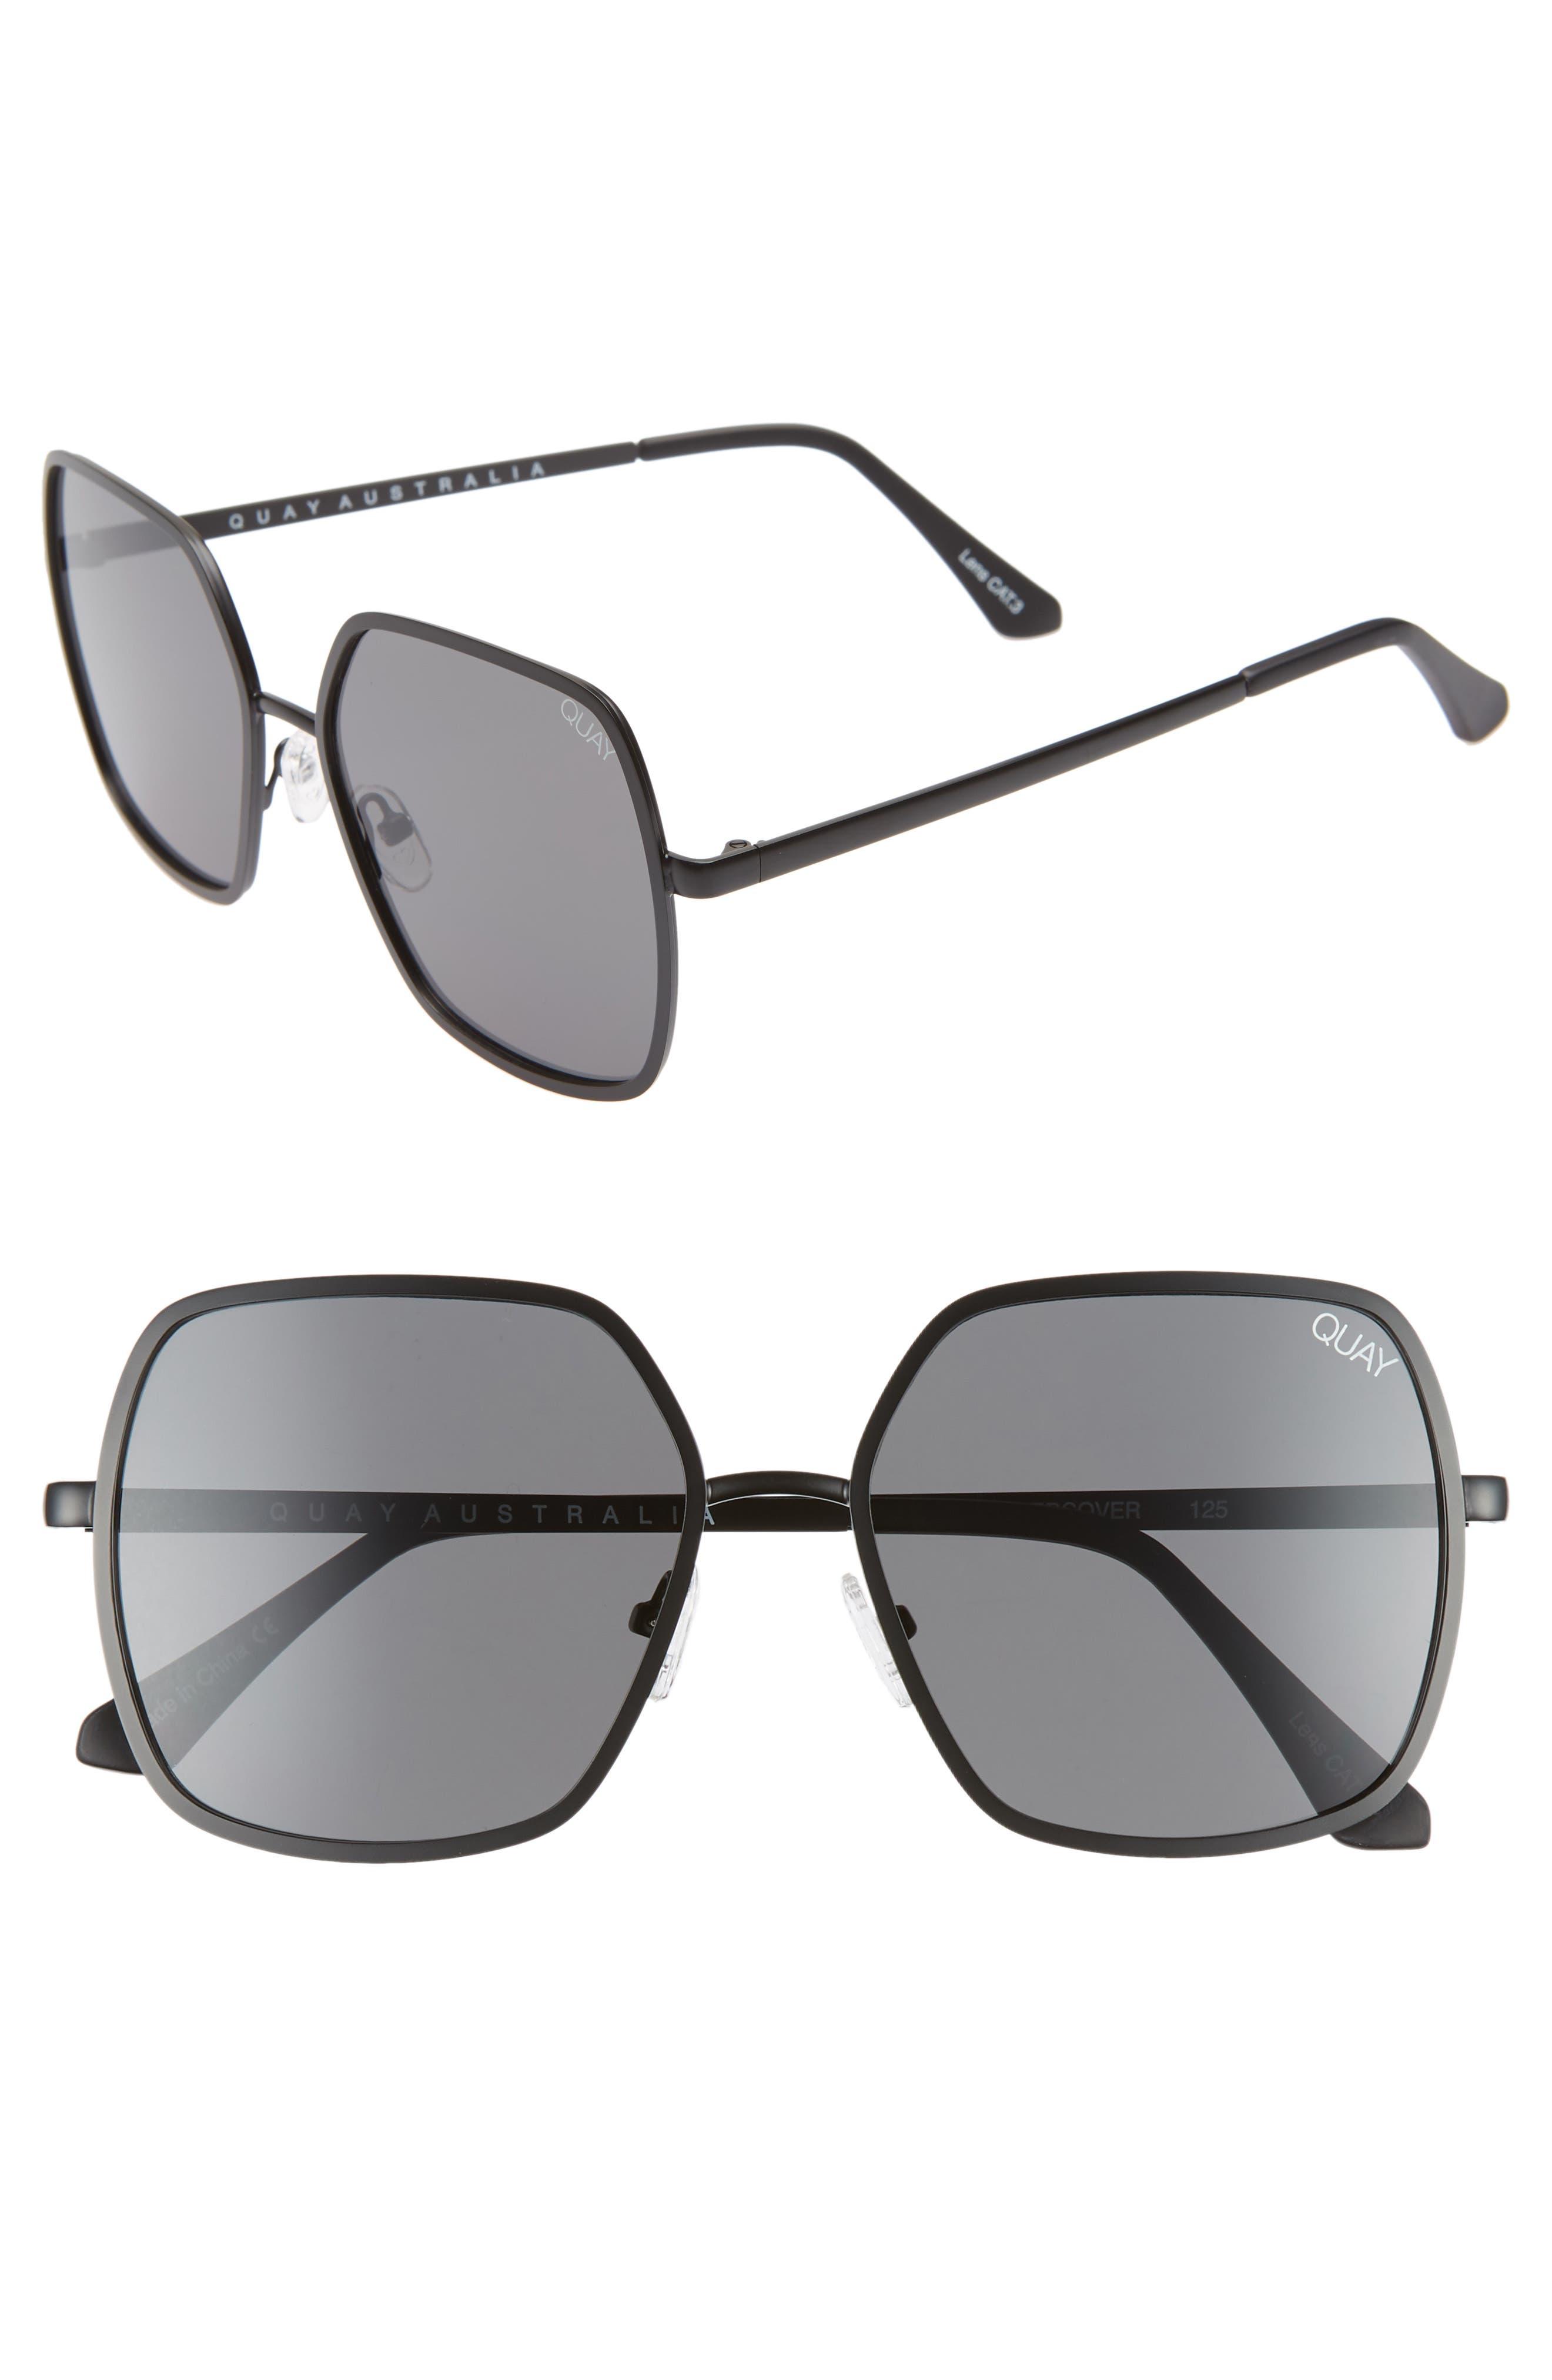 57mm Square Sunglasses,                             Main thumbnail 1, color,                             BLACK/ SMOKE